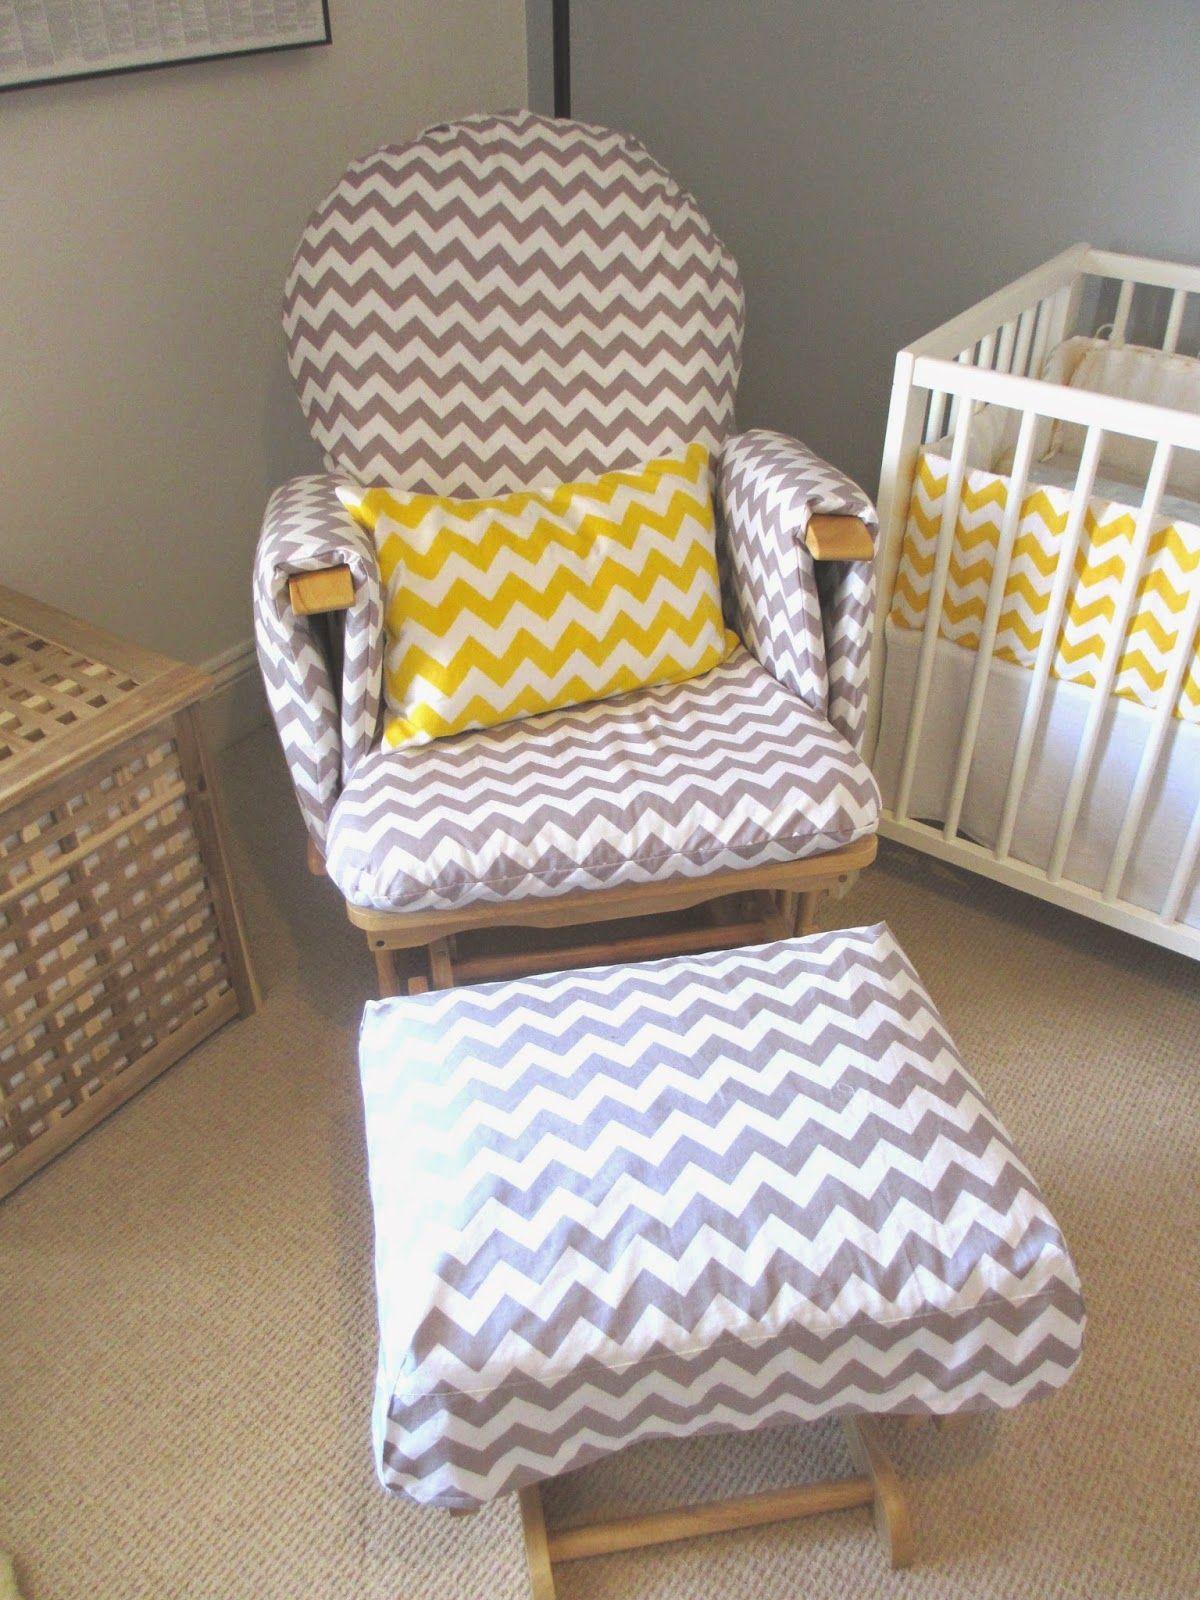 Nursing chair/ Glider chair update Nursing chair